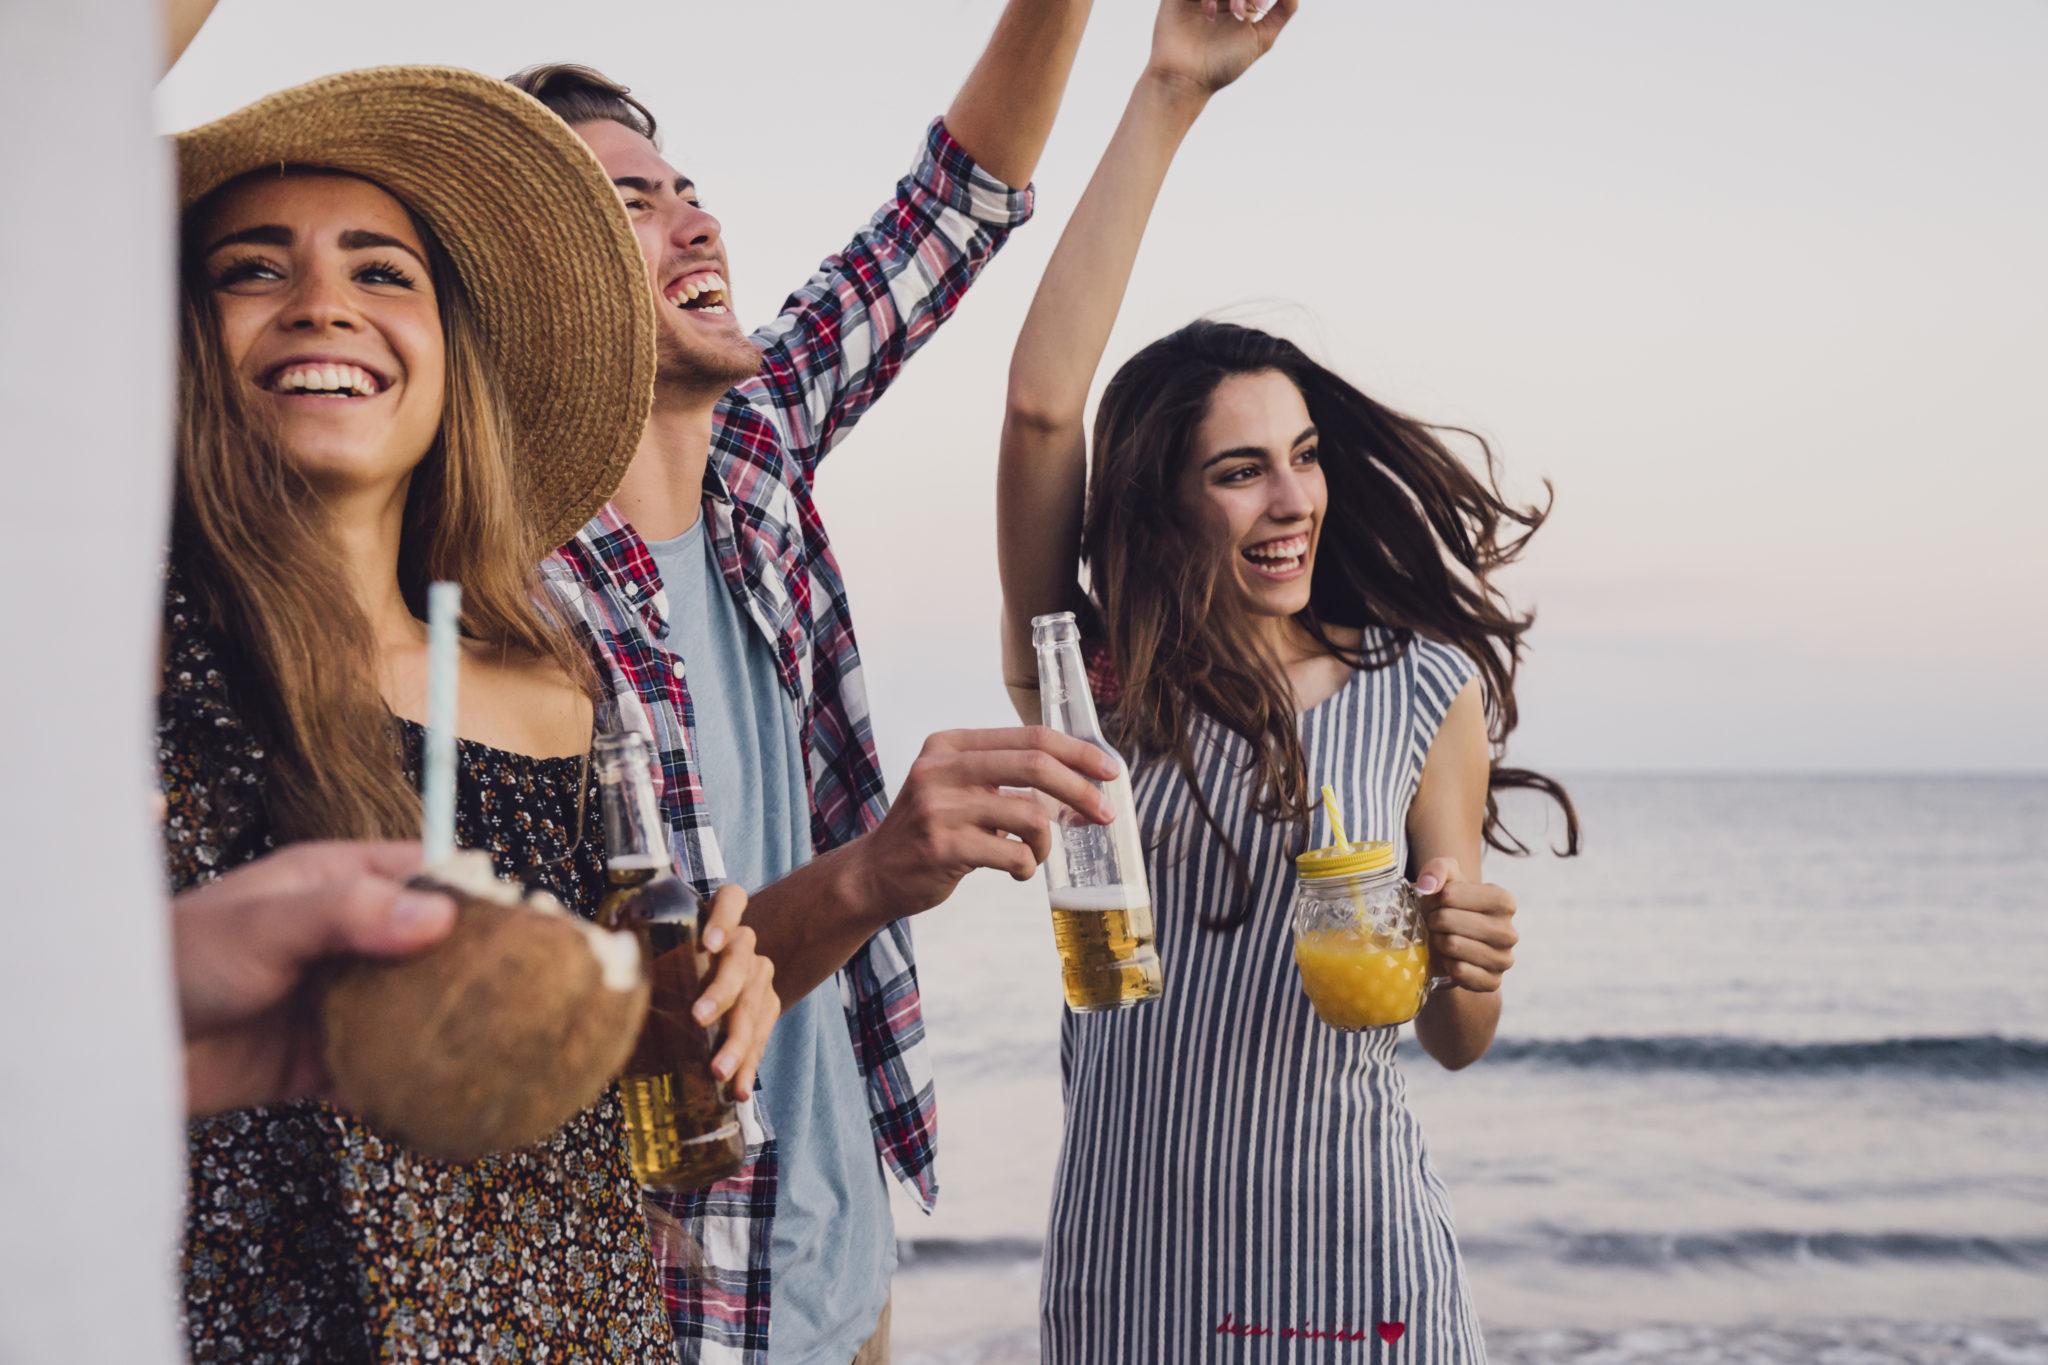 Sfrutta al meglio l'energia dell'estate per il tuo business